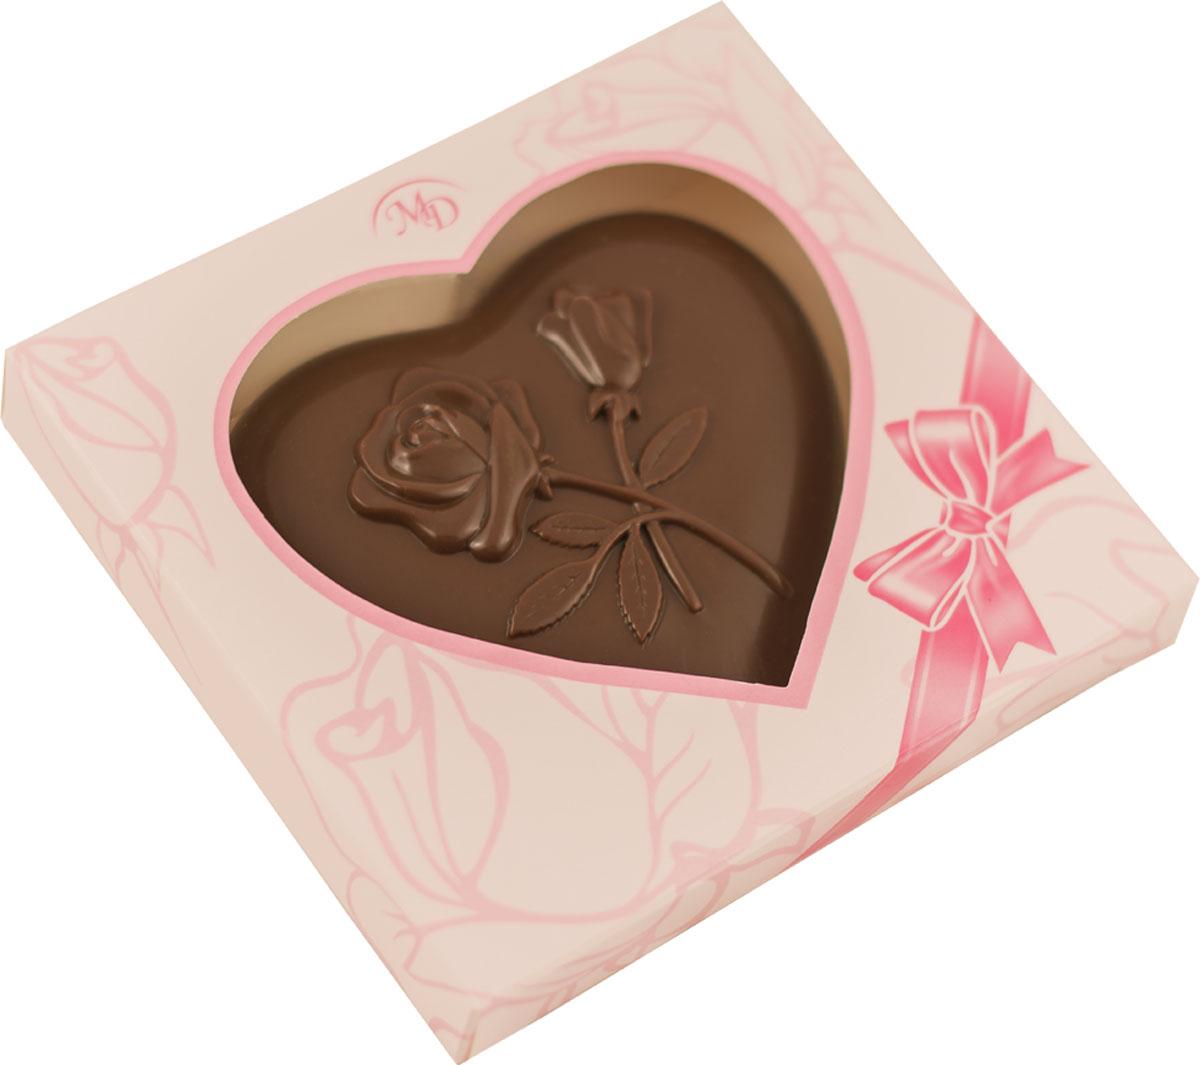 Монетный двор Сердце шоколадная фигура, 100 г монетный двор постный набор горький шоколад 60% какао 50 г